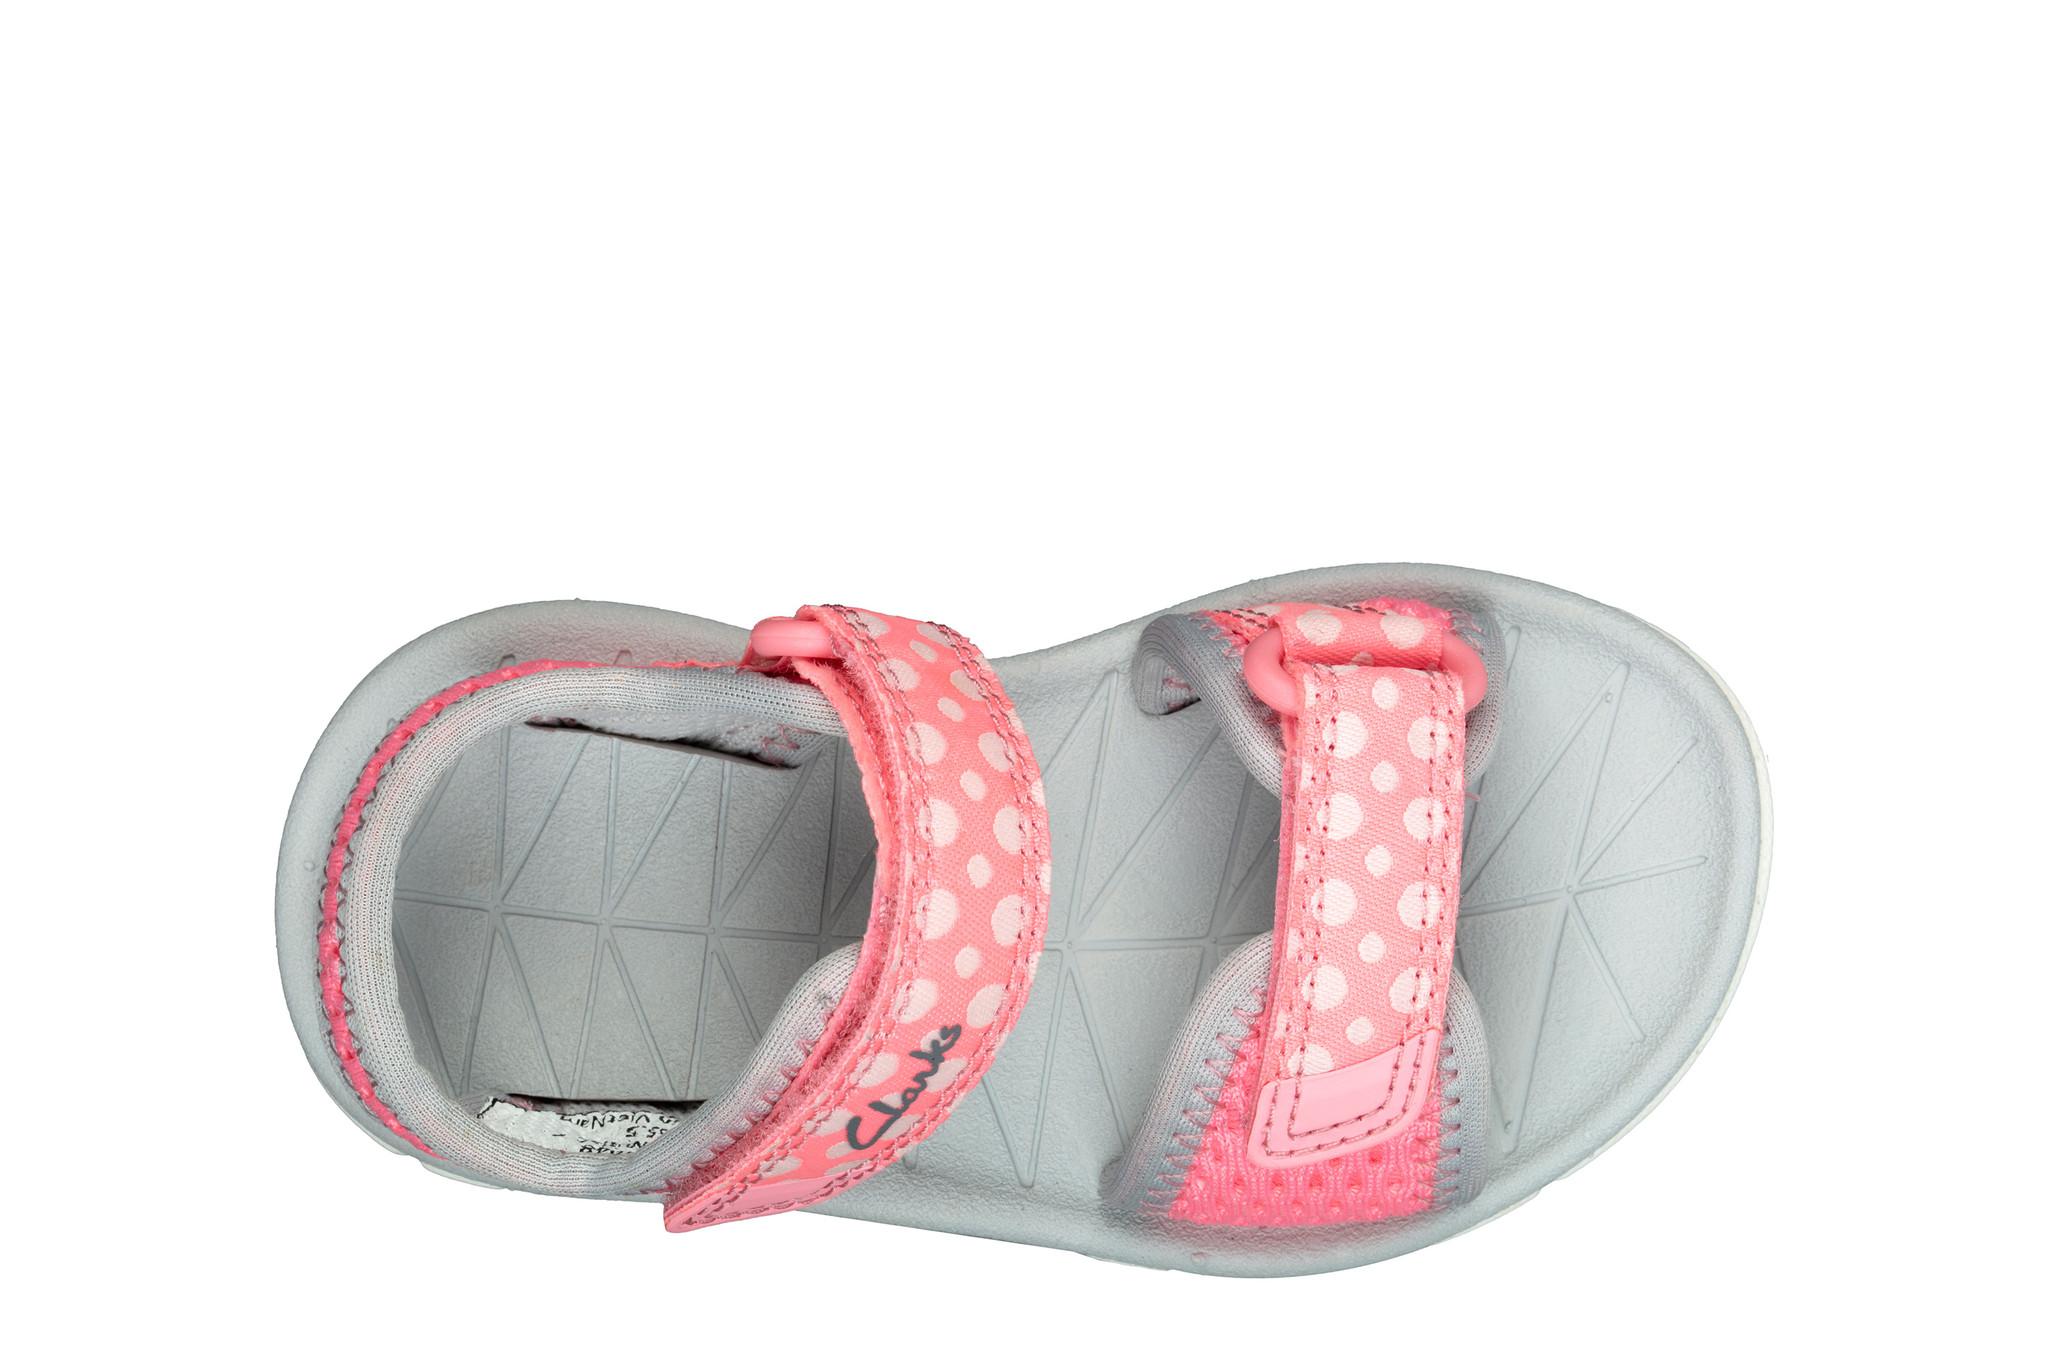 Clarks Surfing Tide Pink Combi Infant